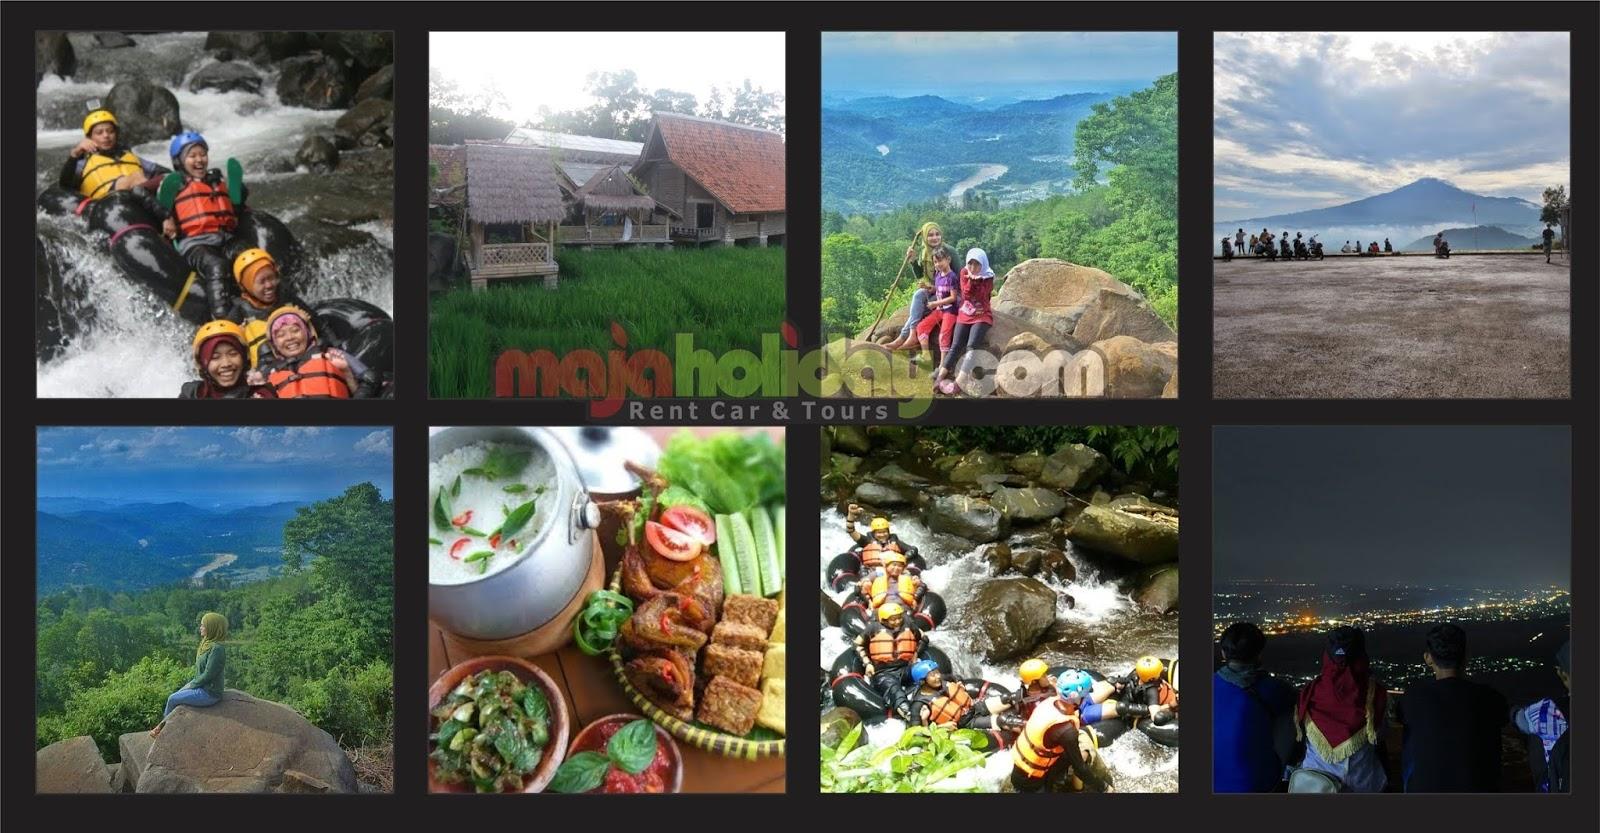 gambar paket wisata cikadongdong gunung karang paralayang paraland city tour majalengka